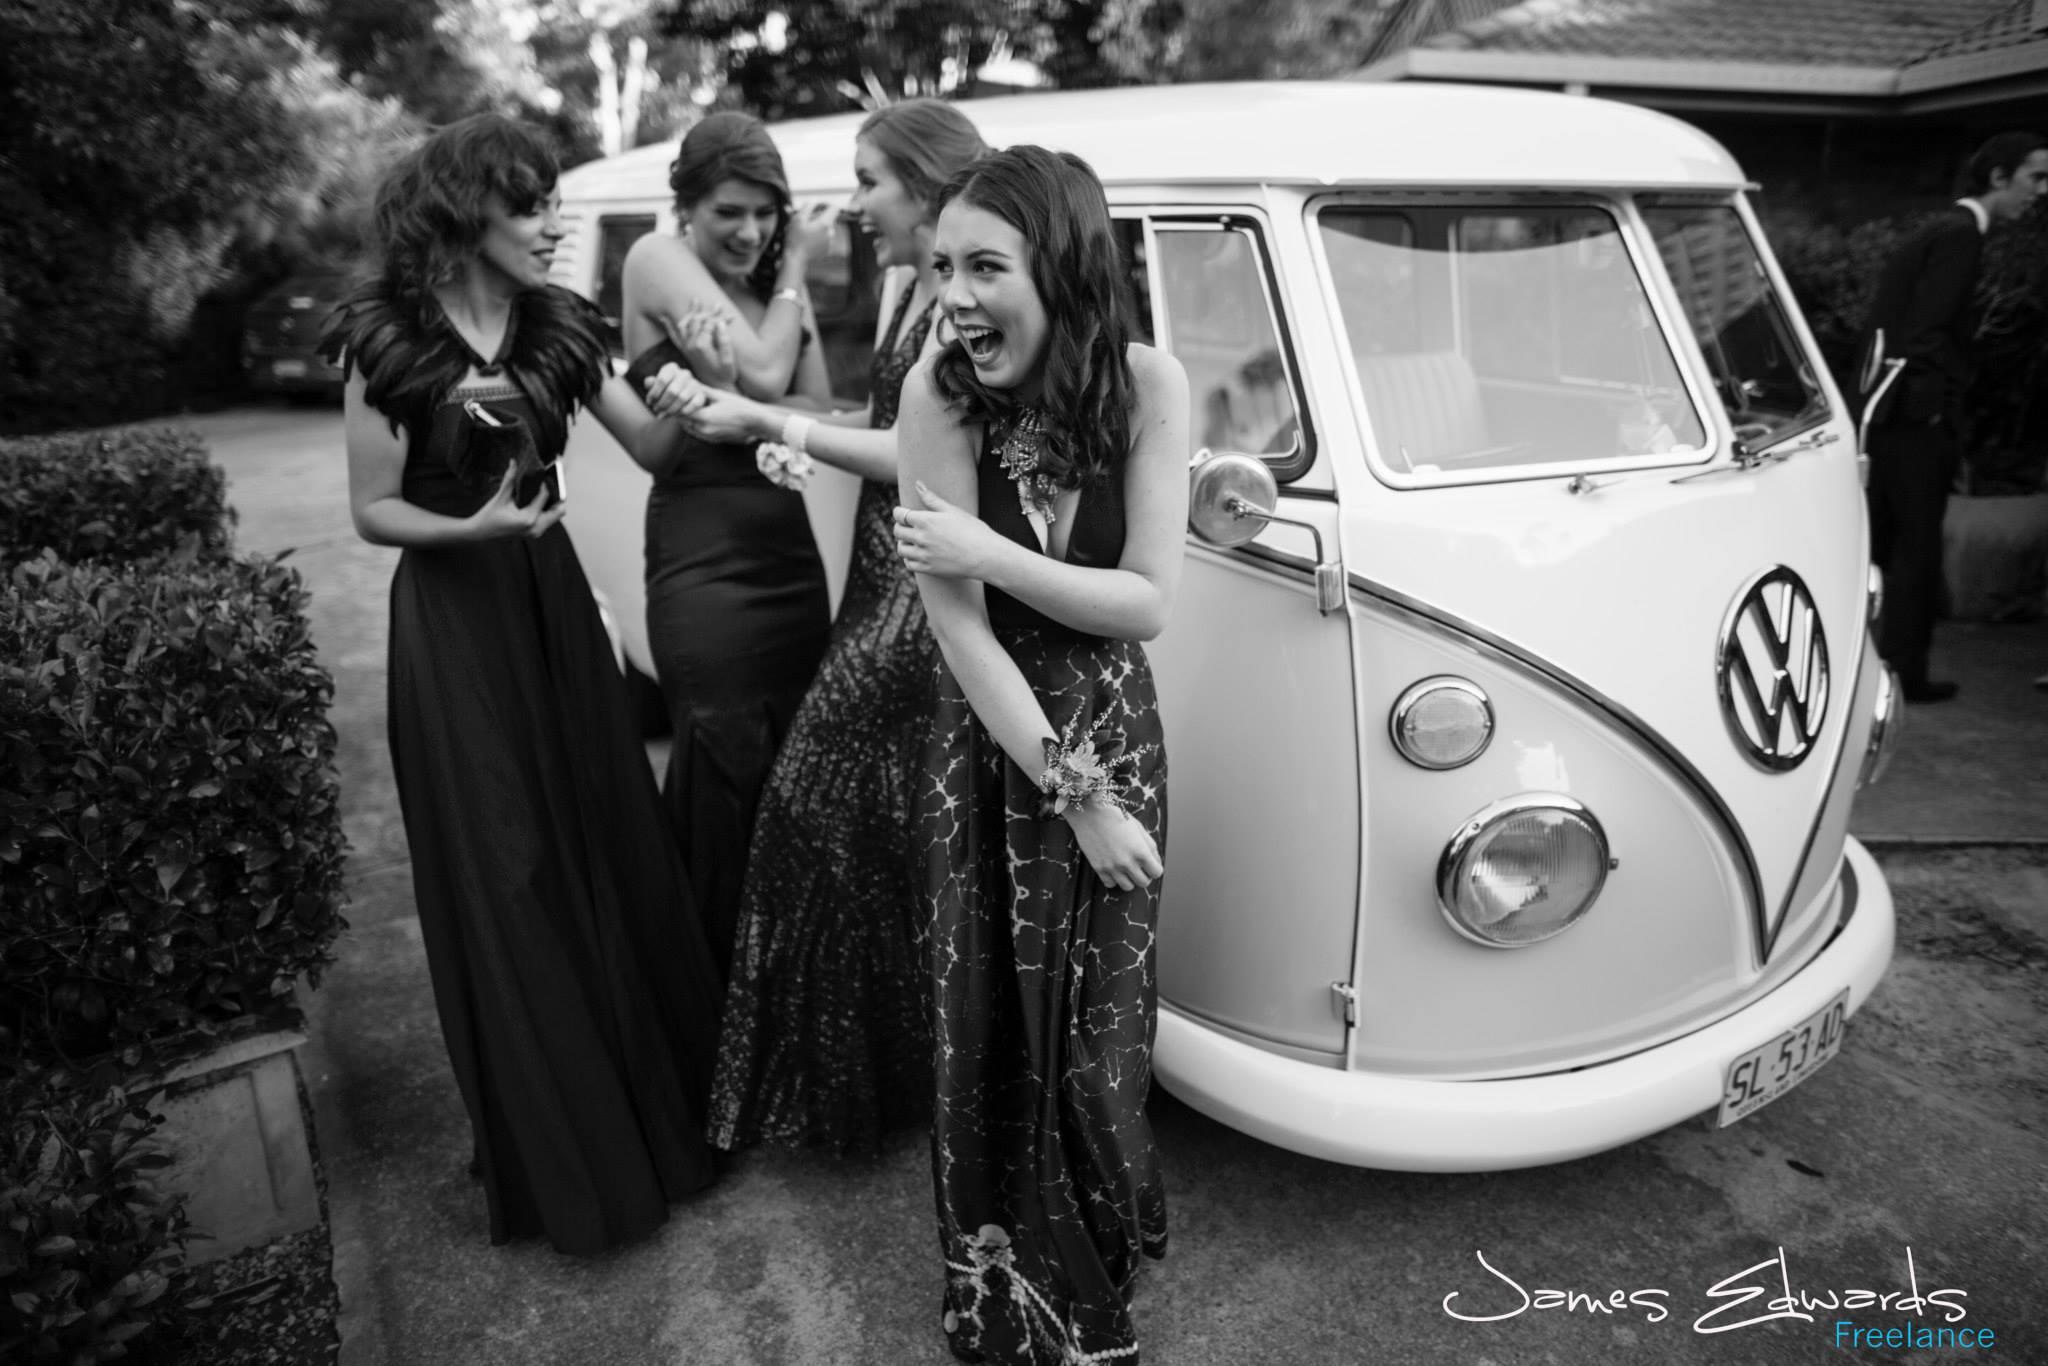 2015-08-14 formal-LeaAnne & Kirrily - lola (5).jpg